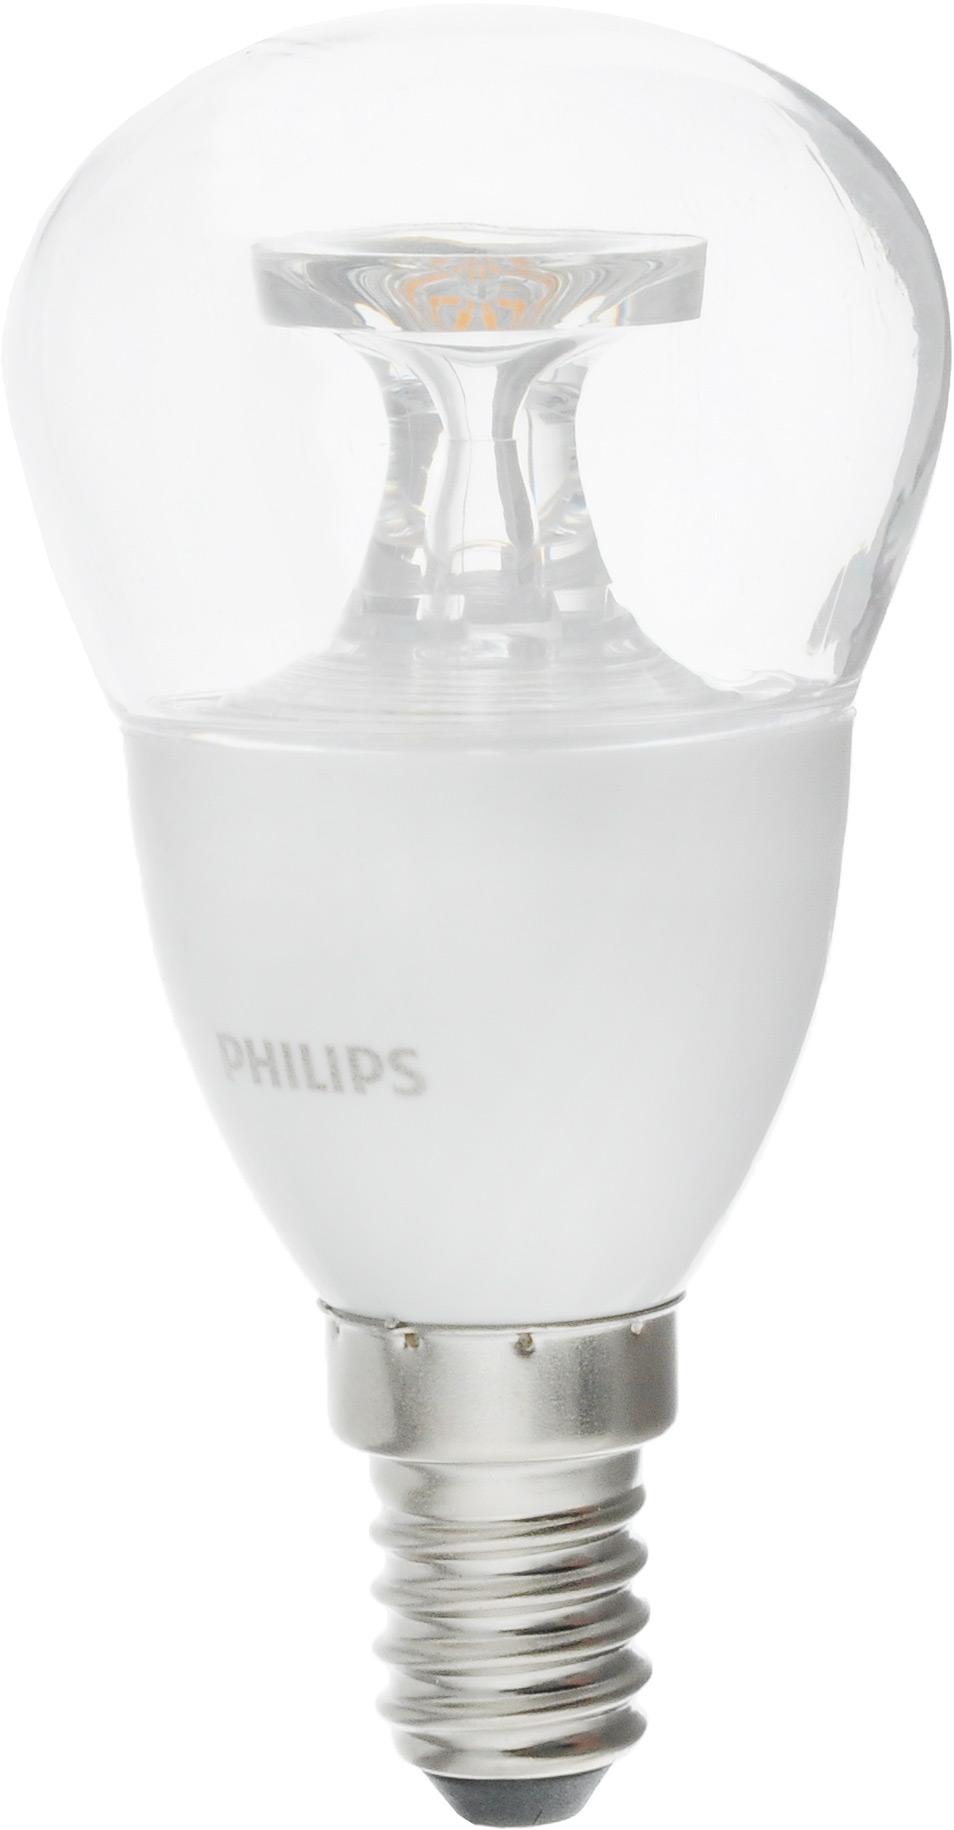 """Современные светодиодные лампы Philips """"LED lustre"""" экономичны, имеют долгий срок службы и мгновенно загораются, заполняя комнату светом. Лампа классической формы и высокой яркости позволяет создать уютную и приятную обстановку в любой комнате вашего дома.Светодиодные лампы потребляют на 91 % меньше электроэнергии, чем обычные лампы накаливания, излучая при этом привычный и приятный теплый свет. Срок службы светодиодной лампы """"Philips"""" составляет до 15 000 часов, что соответствует общему сроку службы 15 ламп накаливания. В результате менять лампы приходится значительно реже, что сокращает количество отходов.Напряжение: 220-240 В. Световой поток: 470 lm."""